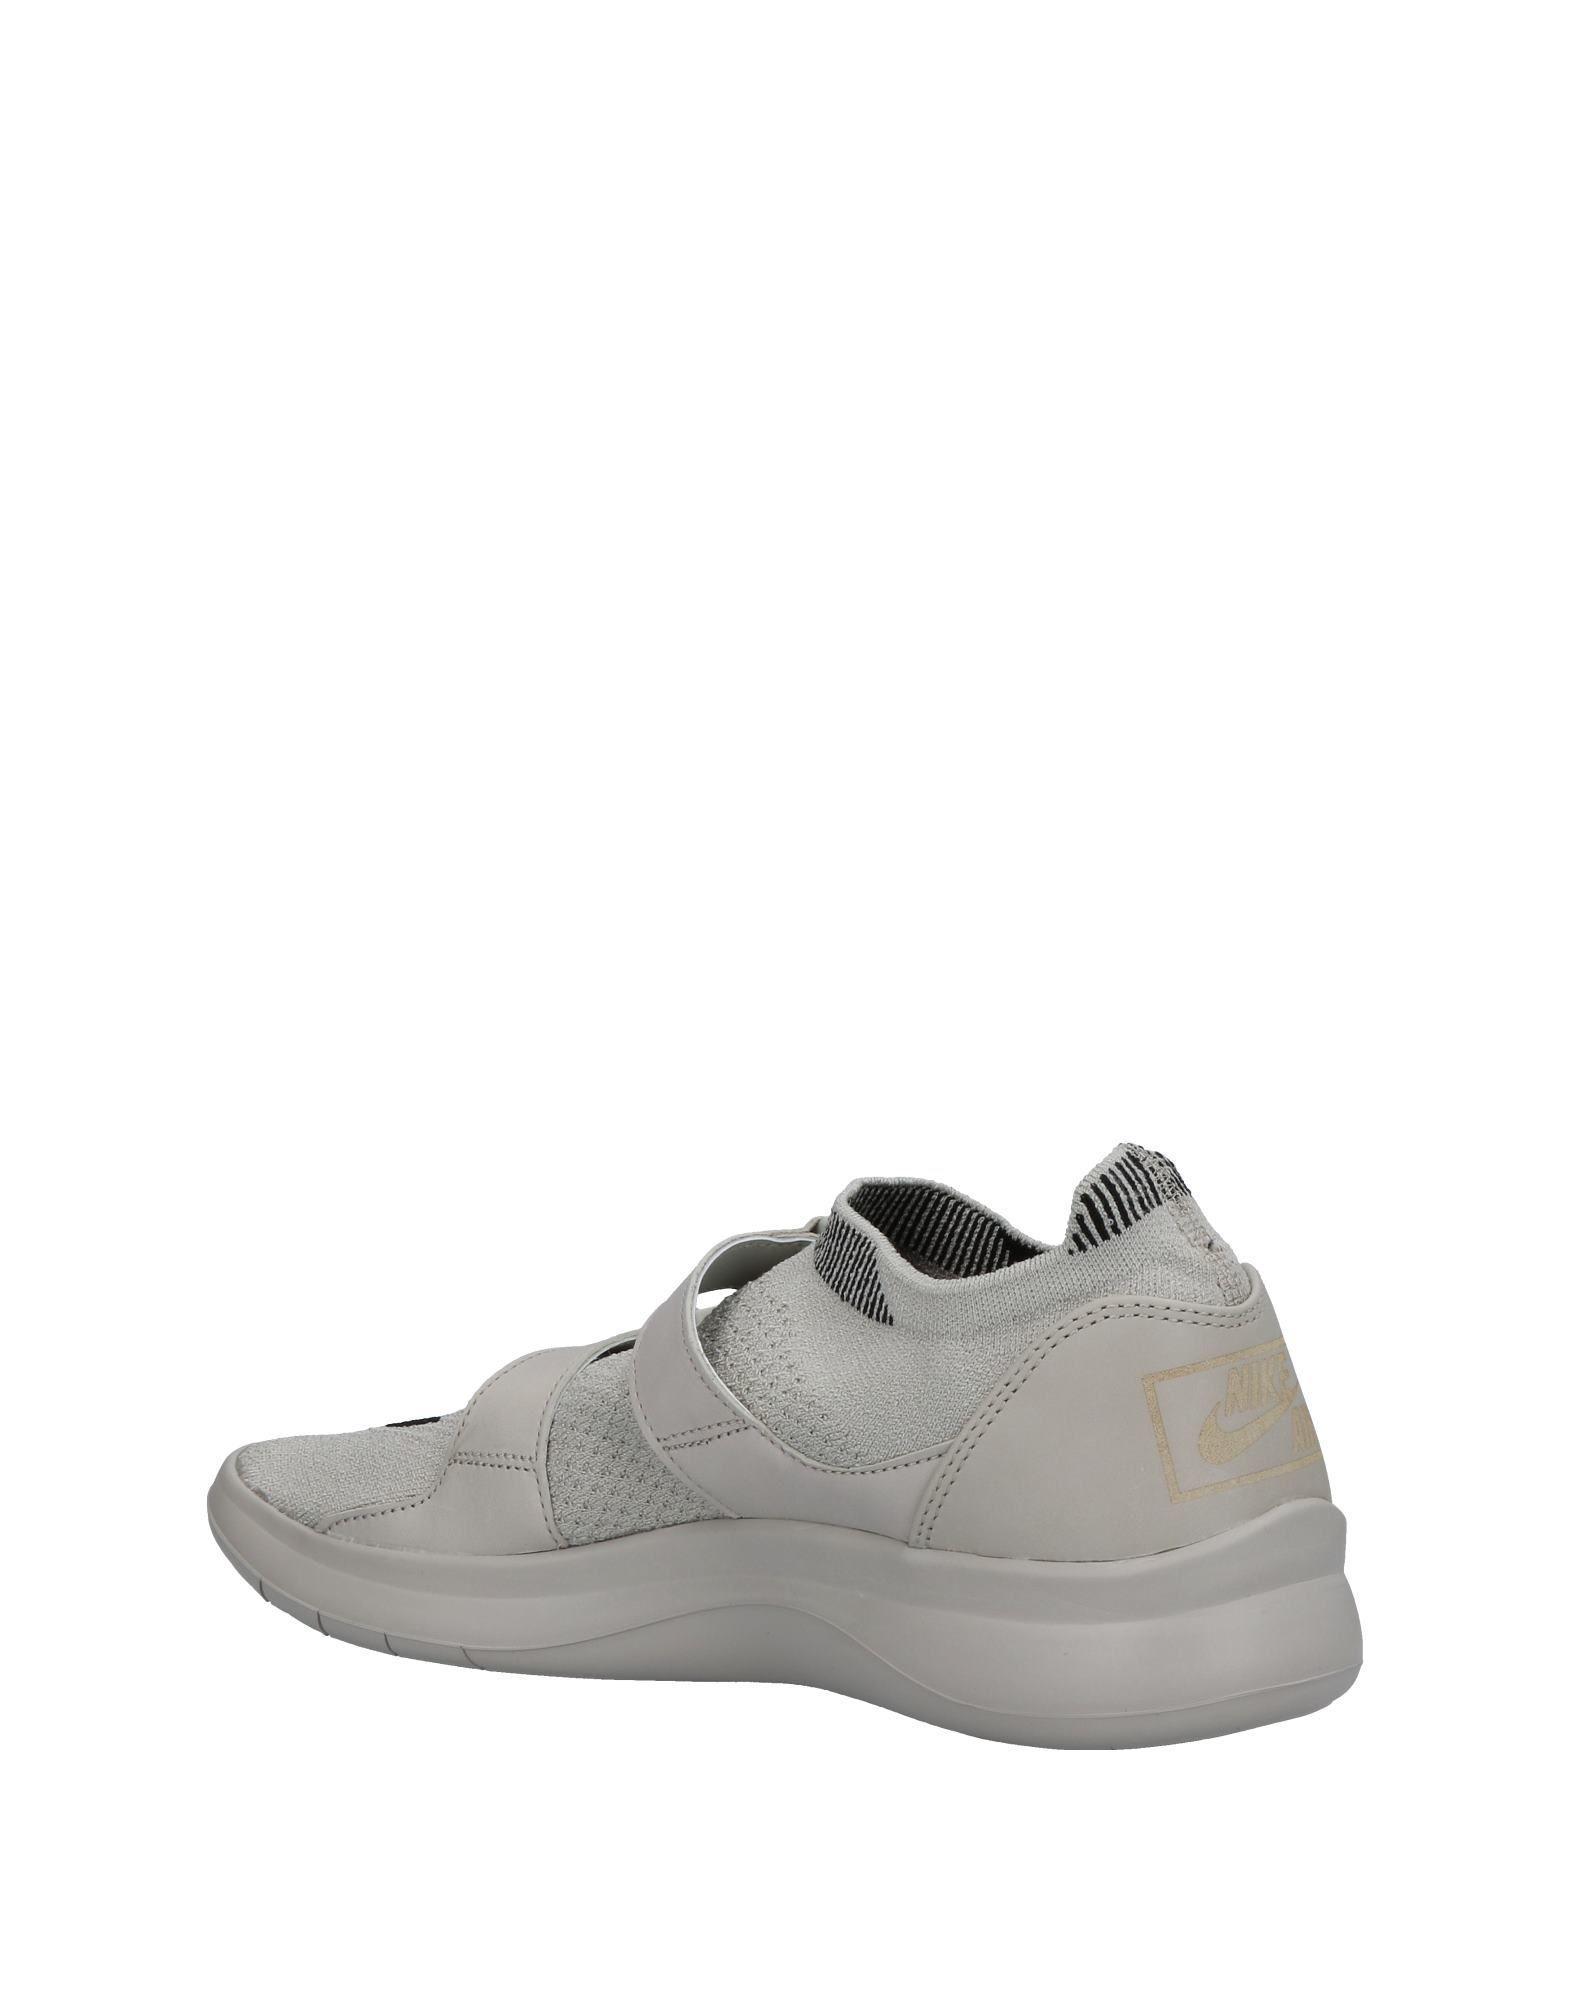 Sneakers & Deportivas Nike de Caucho de color Gris para hombre